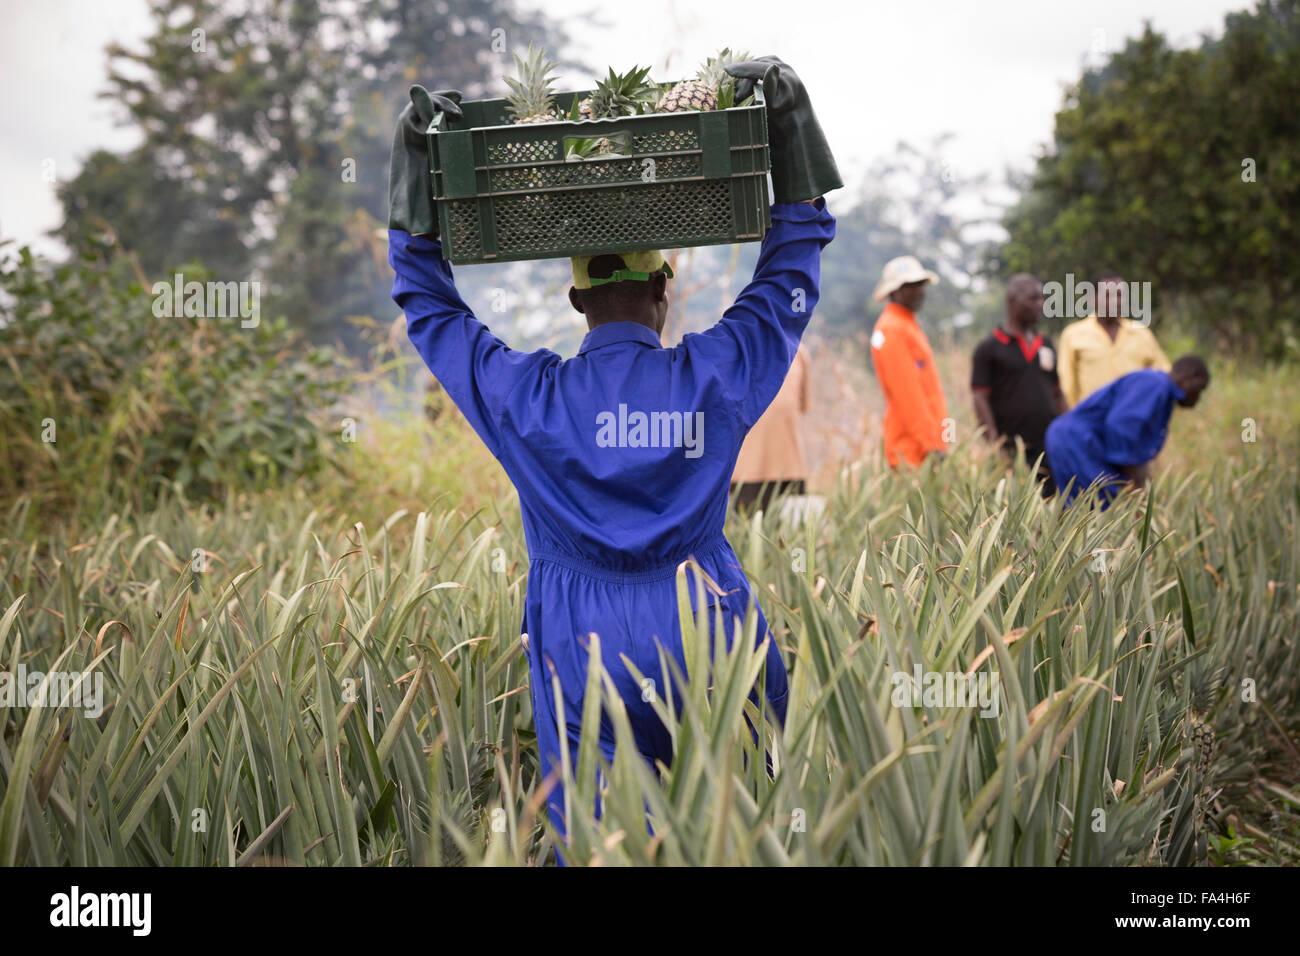 Piña comercial agrícola en Fotobi village, Ghana. Imagen De Stock